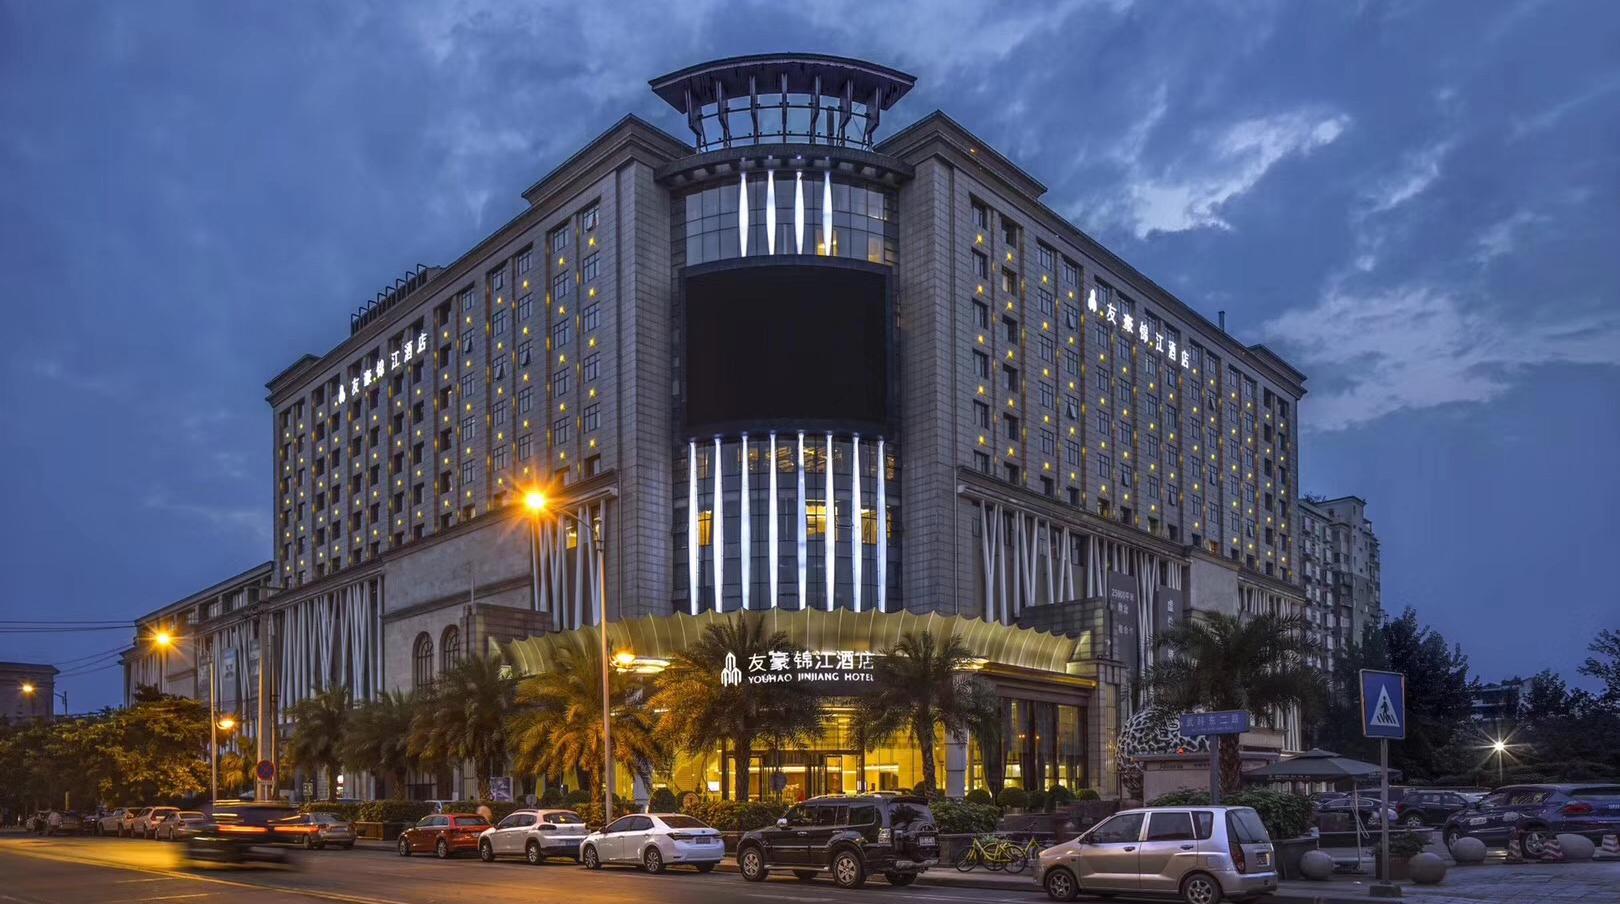 酒店行业业绩回暖明显,三大龙头加速扩张布局轻资产化